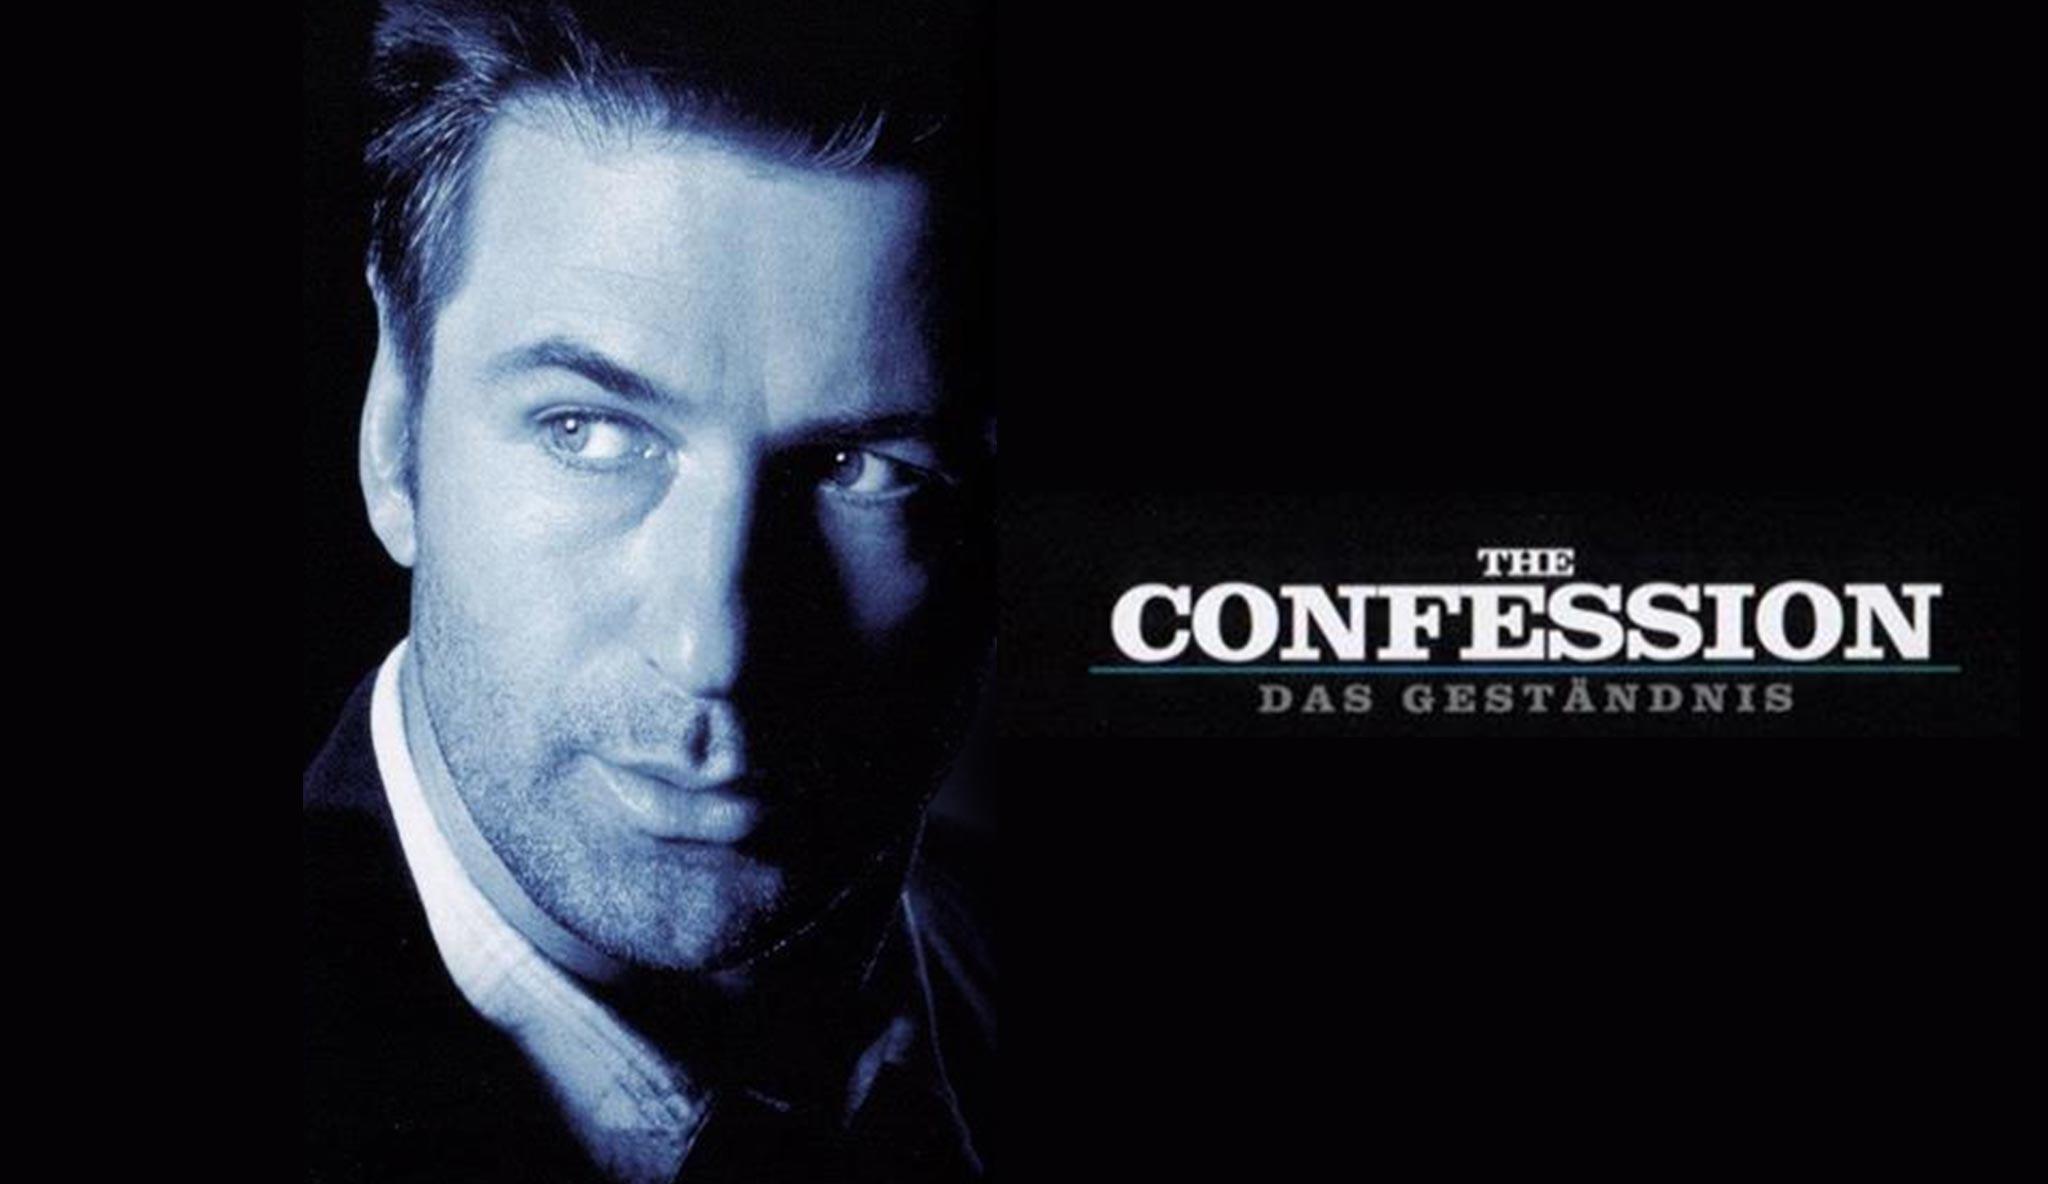 the-confession-das-gestandnis\header.jpg